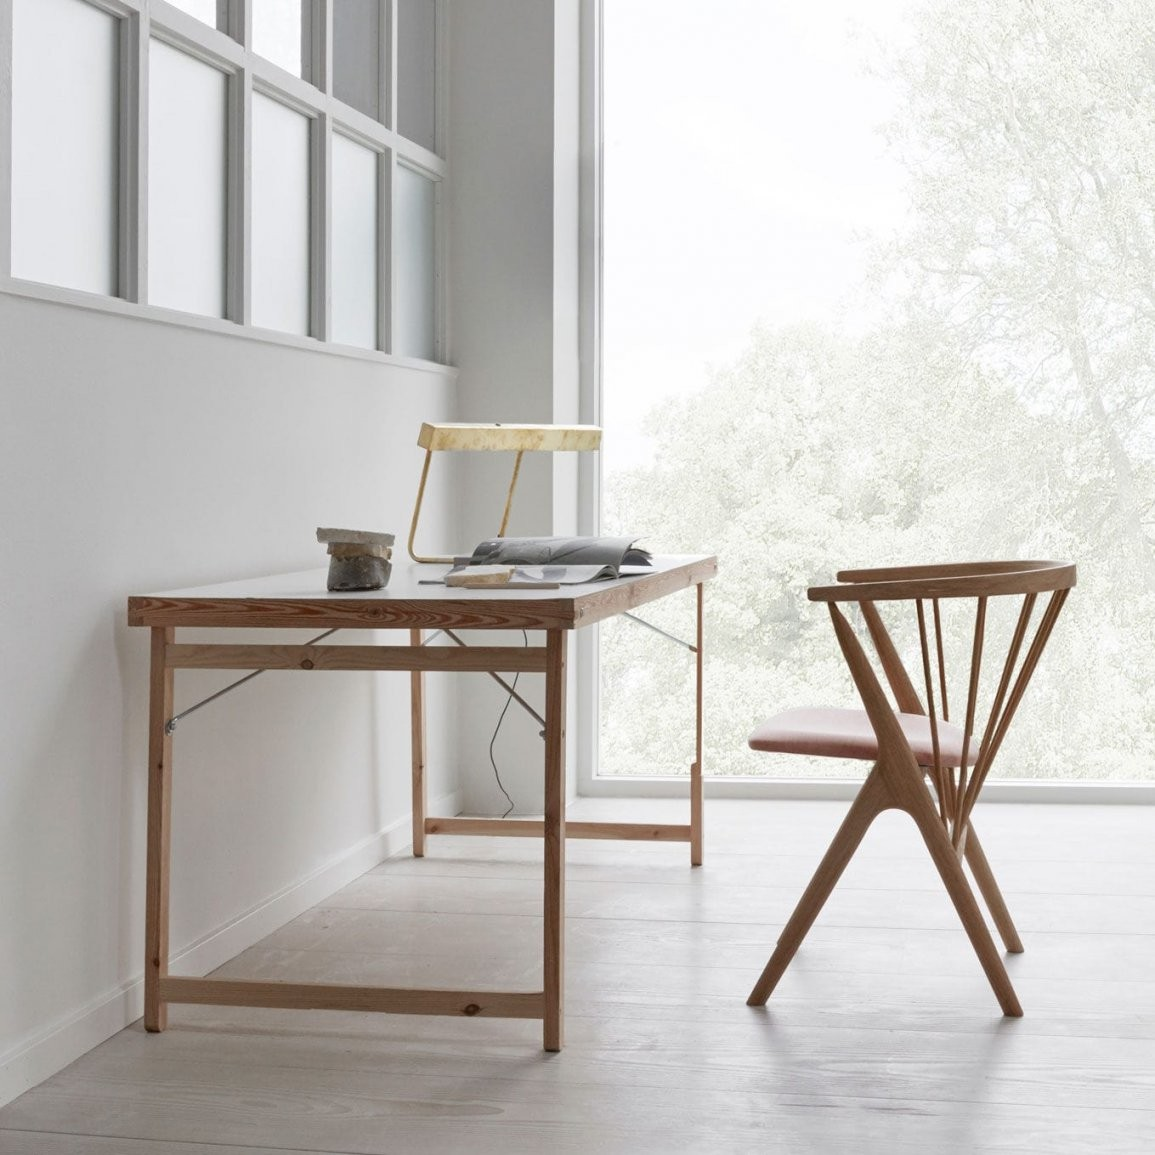 Stuhle Skandinavisches Design  Parsvending von Stühle Skandinavisches Design Photo